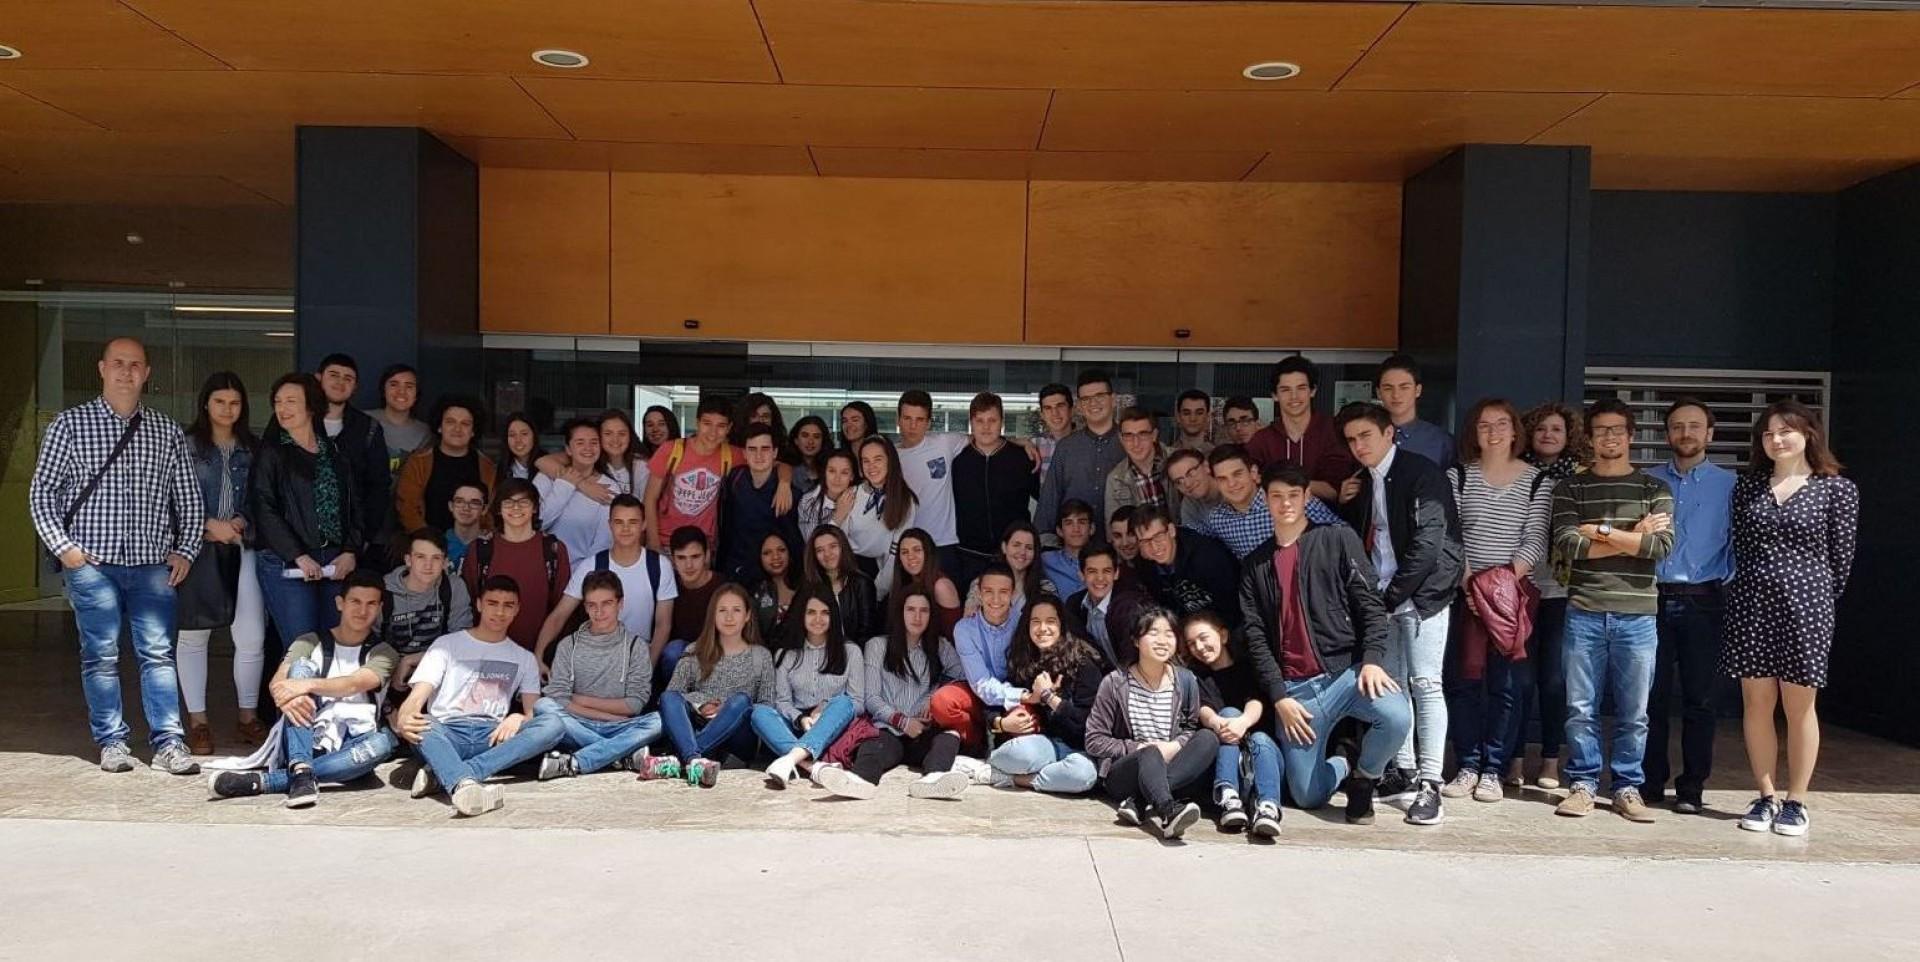 Salud y sostenibilidad, la apuesta científica de los estudiantes en InnovaTEC